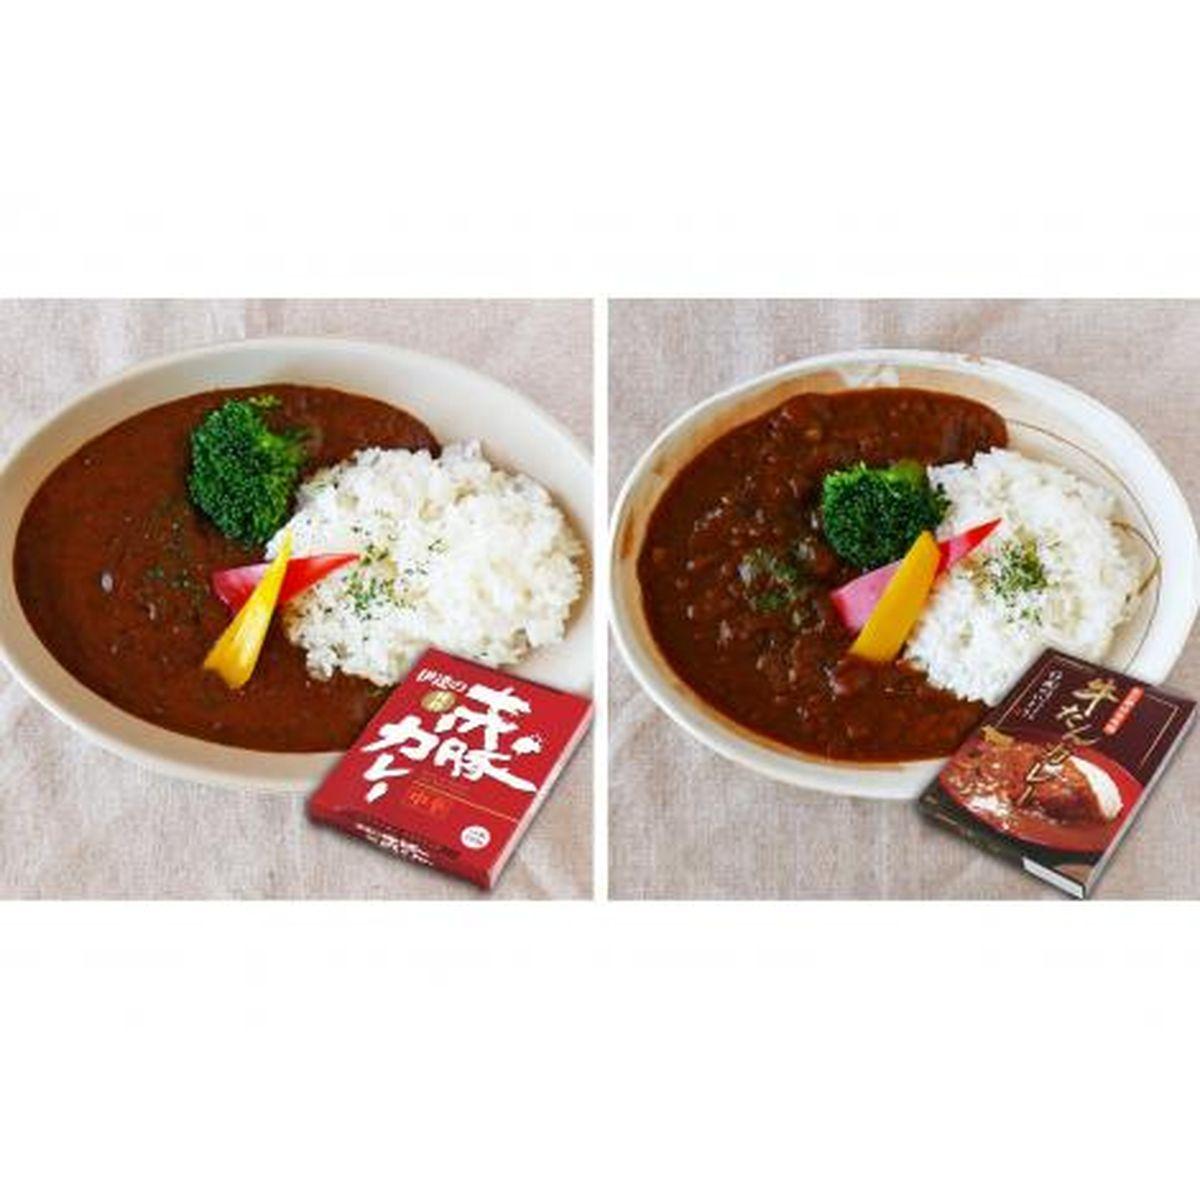 伊豆沼農産 牛たんカレー・赤豚カレー食べ比べセット(6箱入)